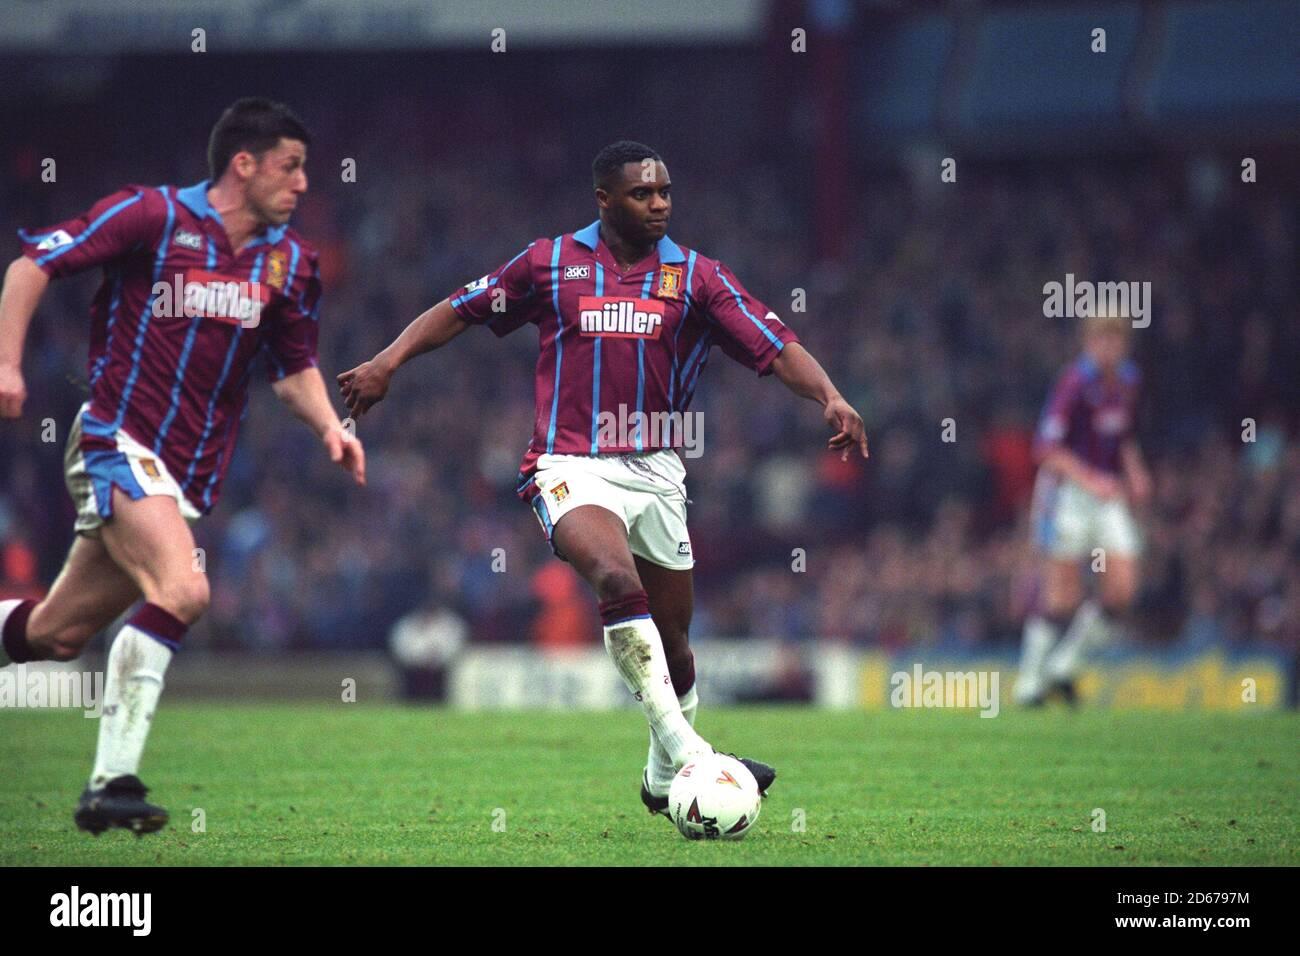 Dalian Atkinson, Aston Villa. Foto de stock